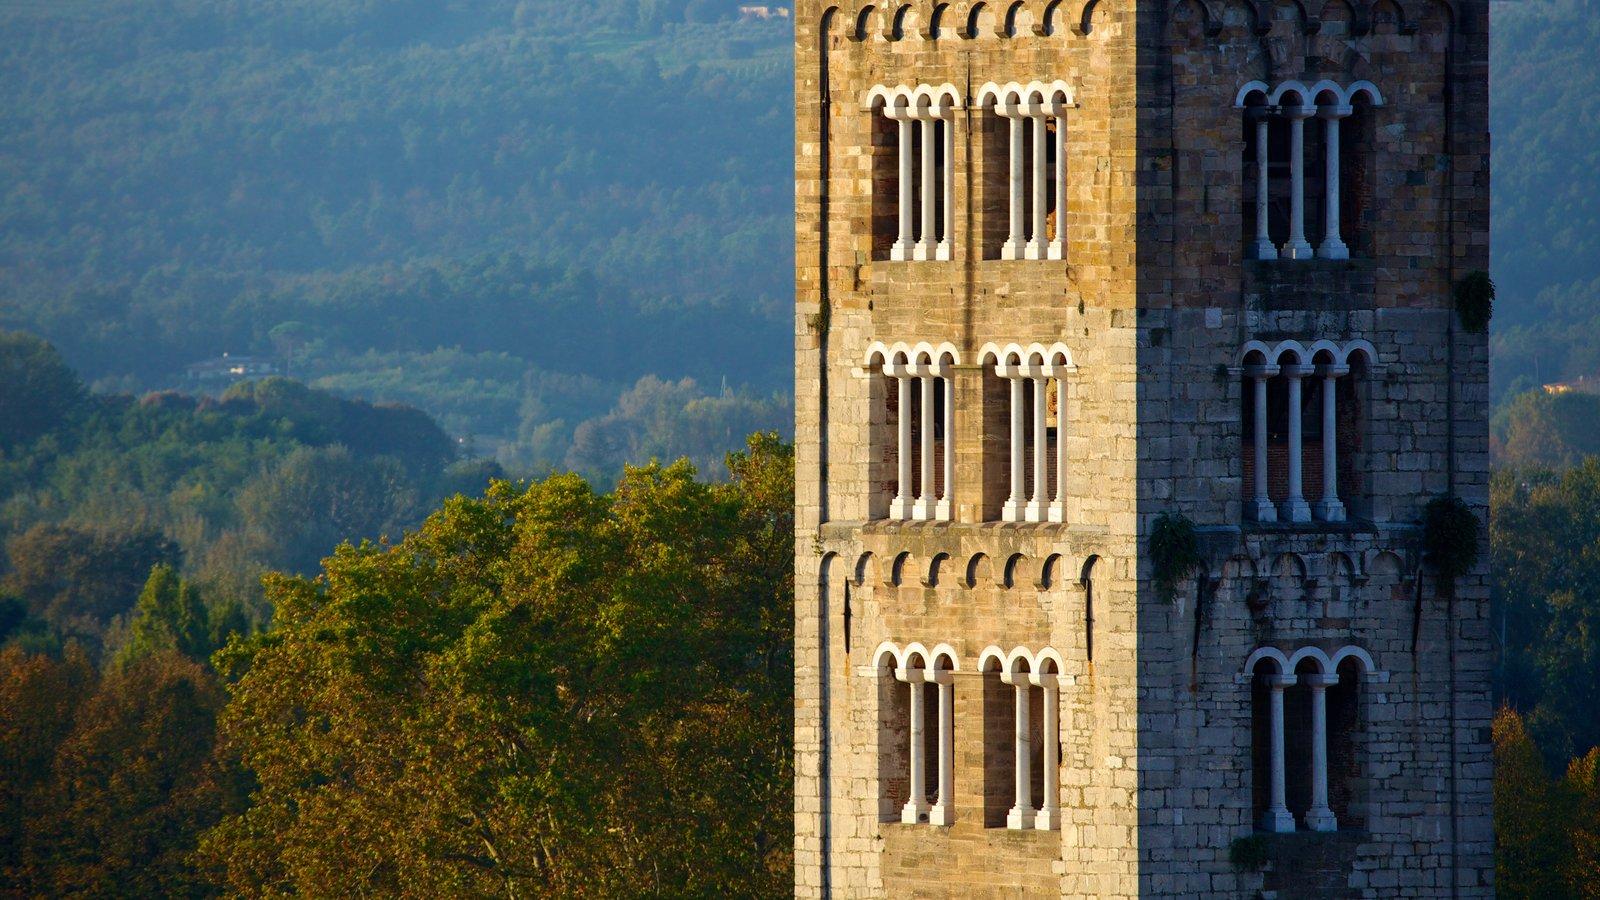 Torre Guinigi caracterizando arquitetura de patrimônio e cenas de floresta